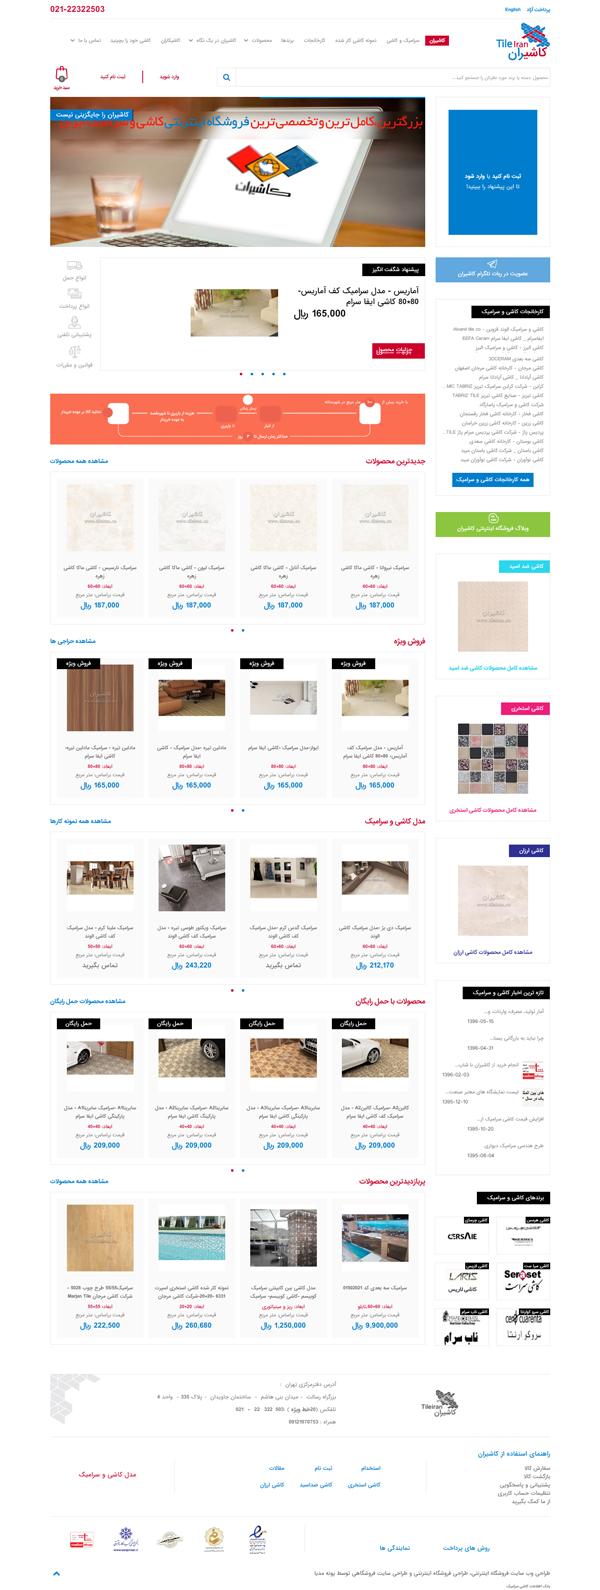 فروشگاه اینترنتی کاشی و سرامیک کاشیران